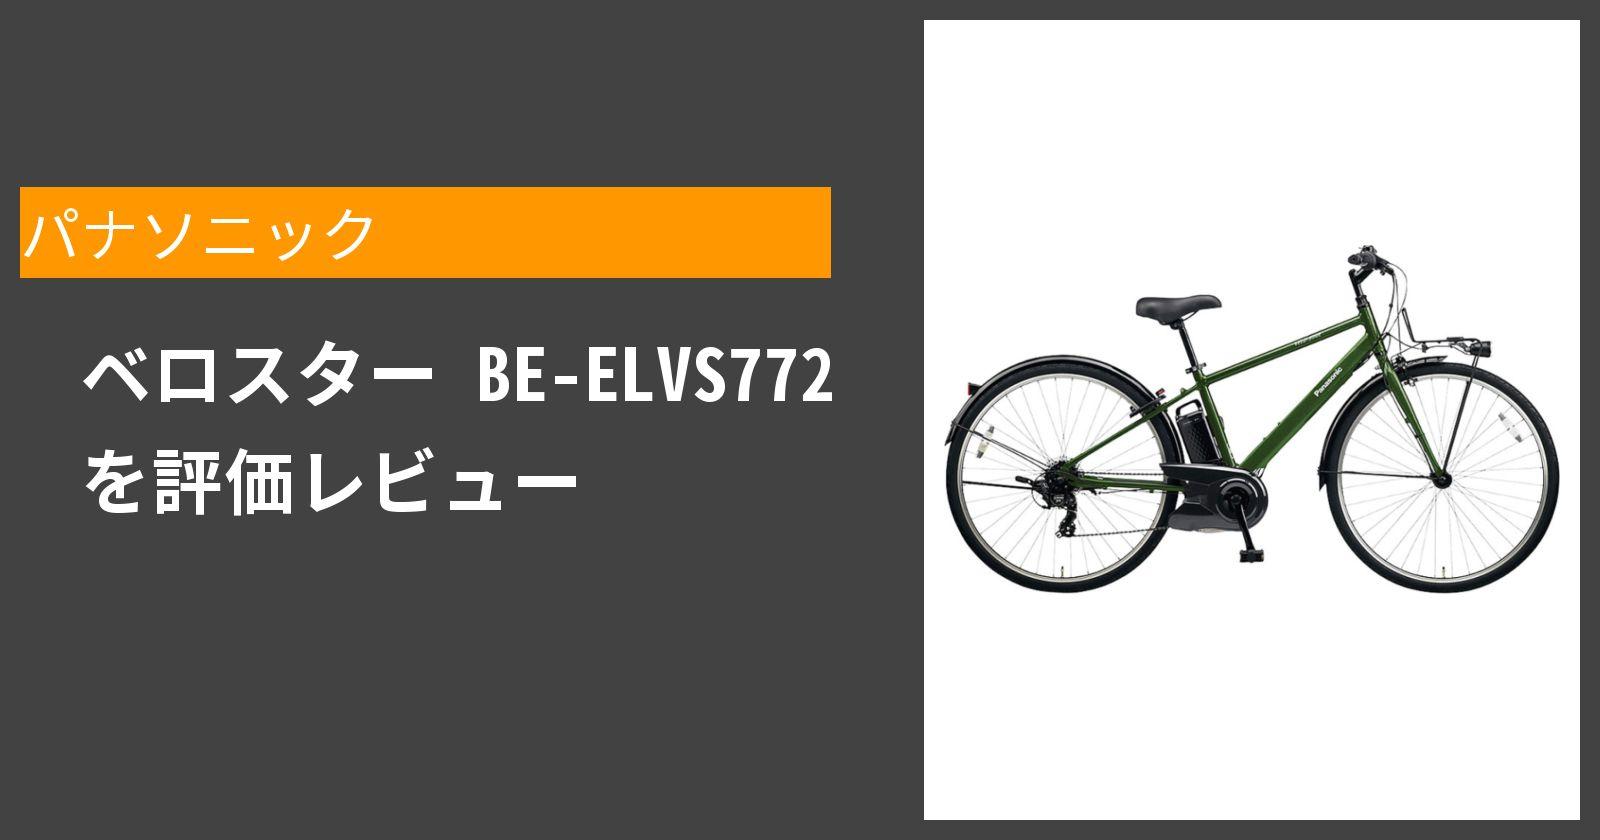 ベロスター BE-ELVS772を徹底評価